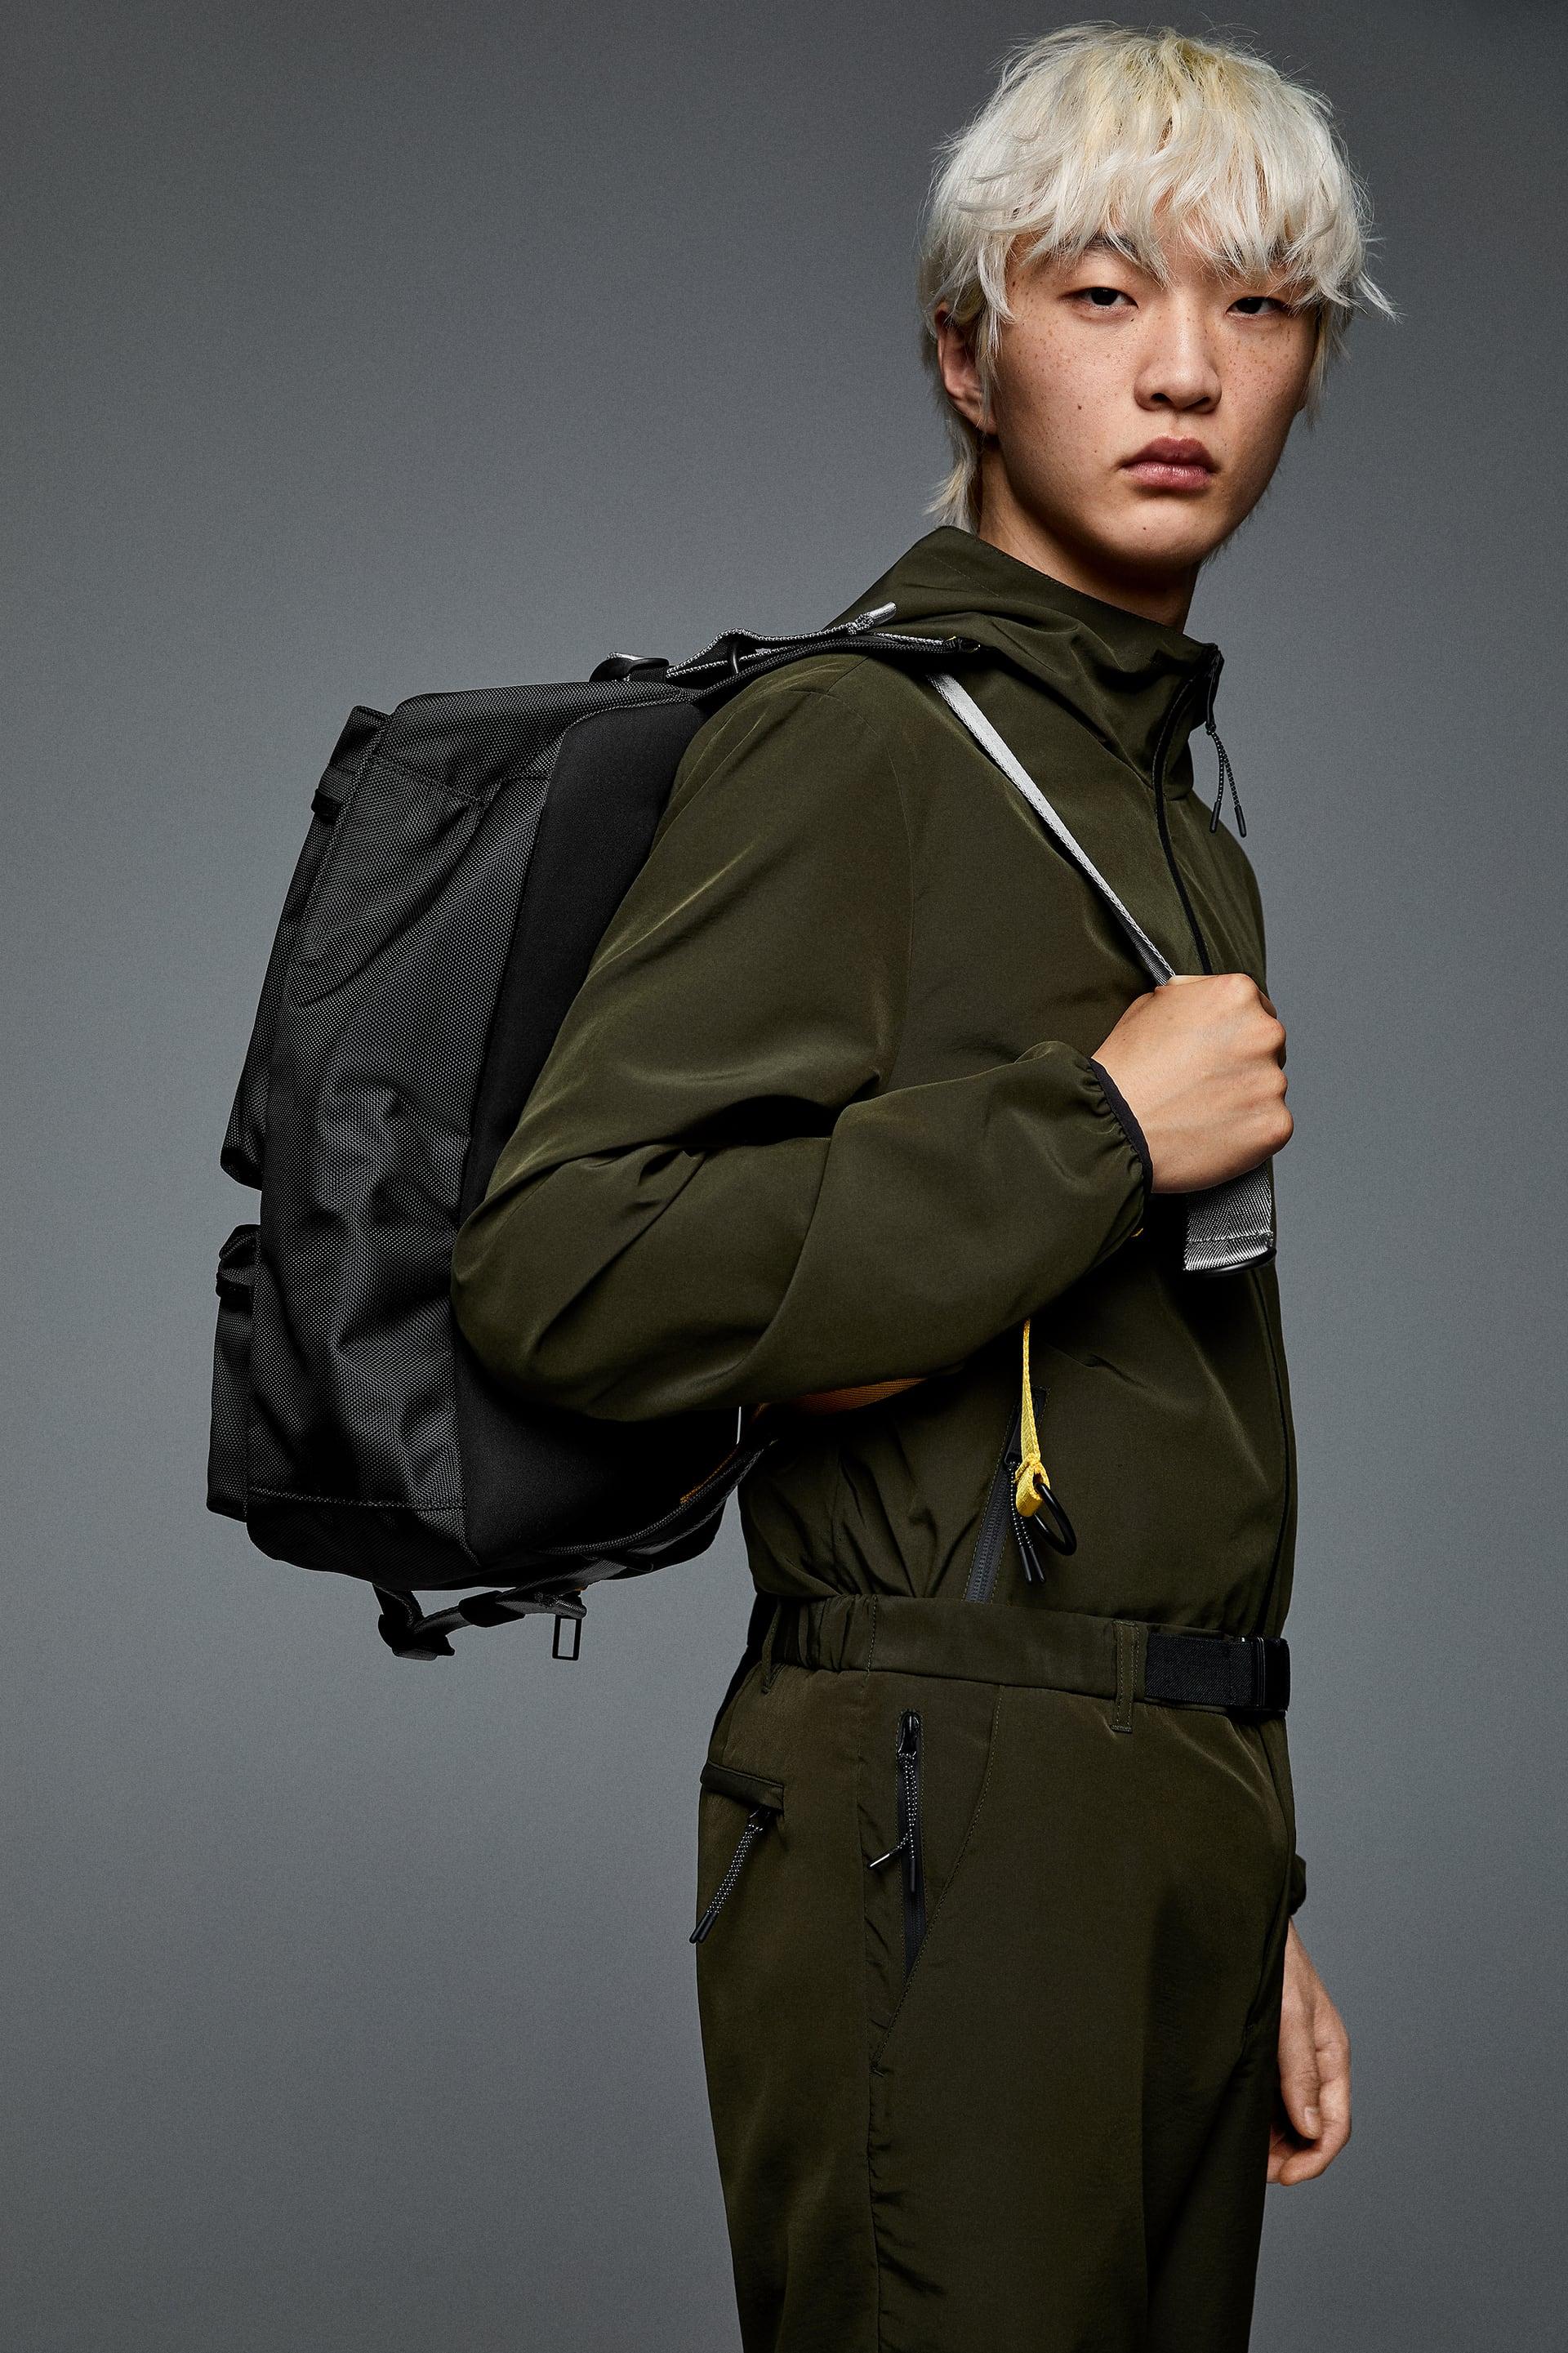 One shoulder bag - Zara